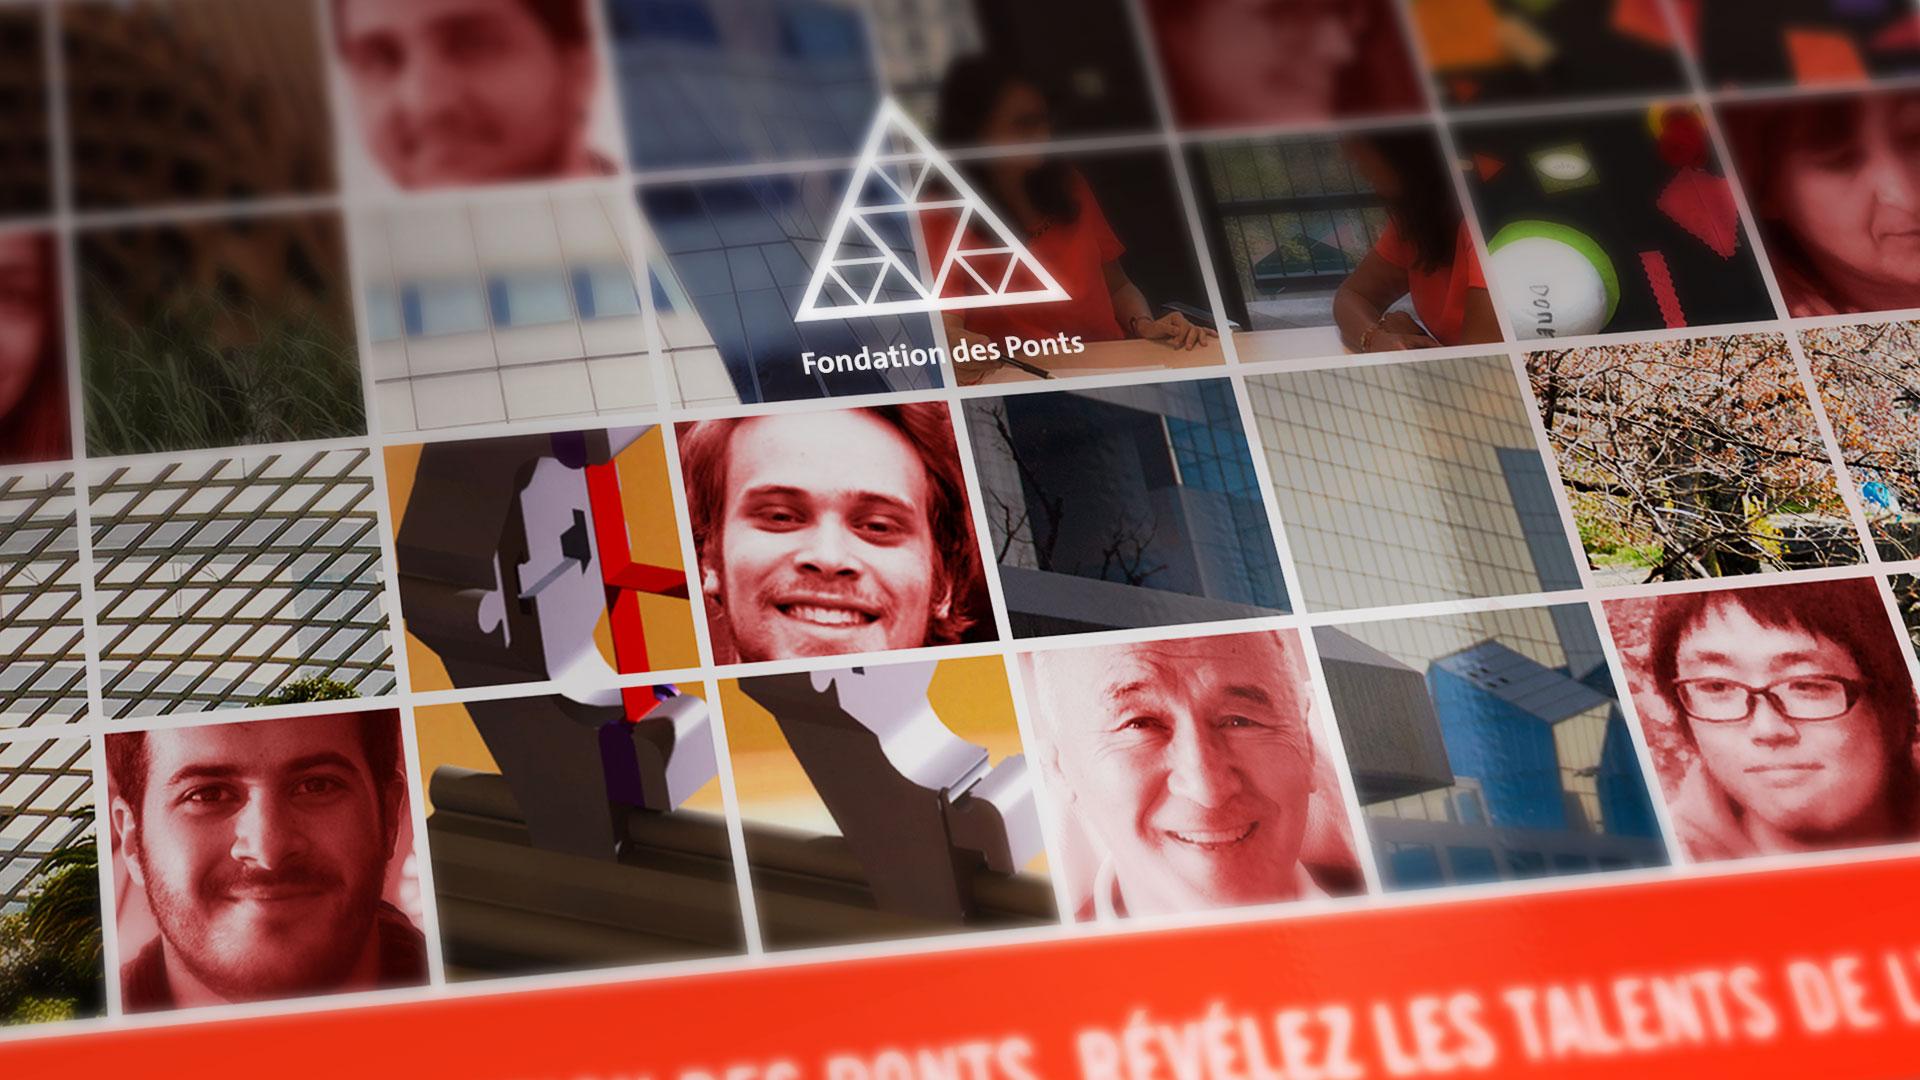 Campagne IRPP - Fondation des ponts